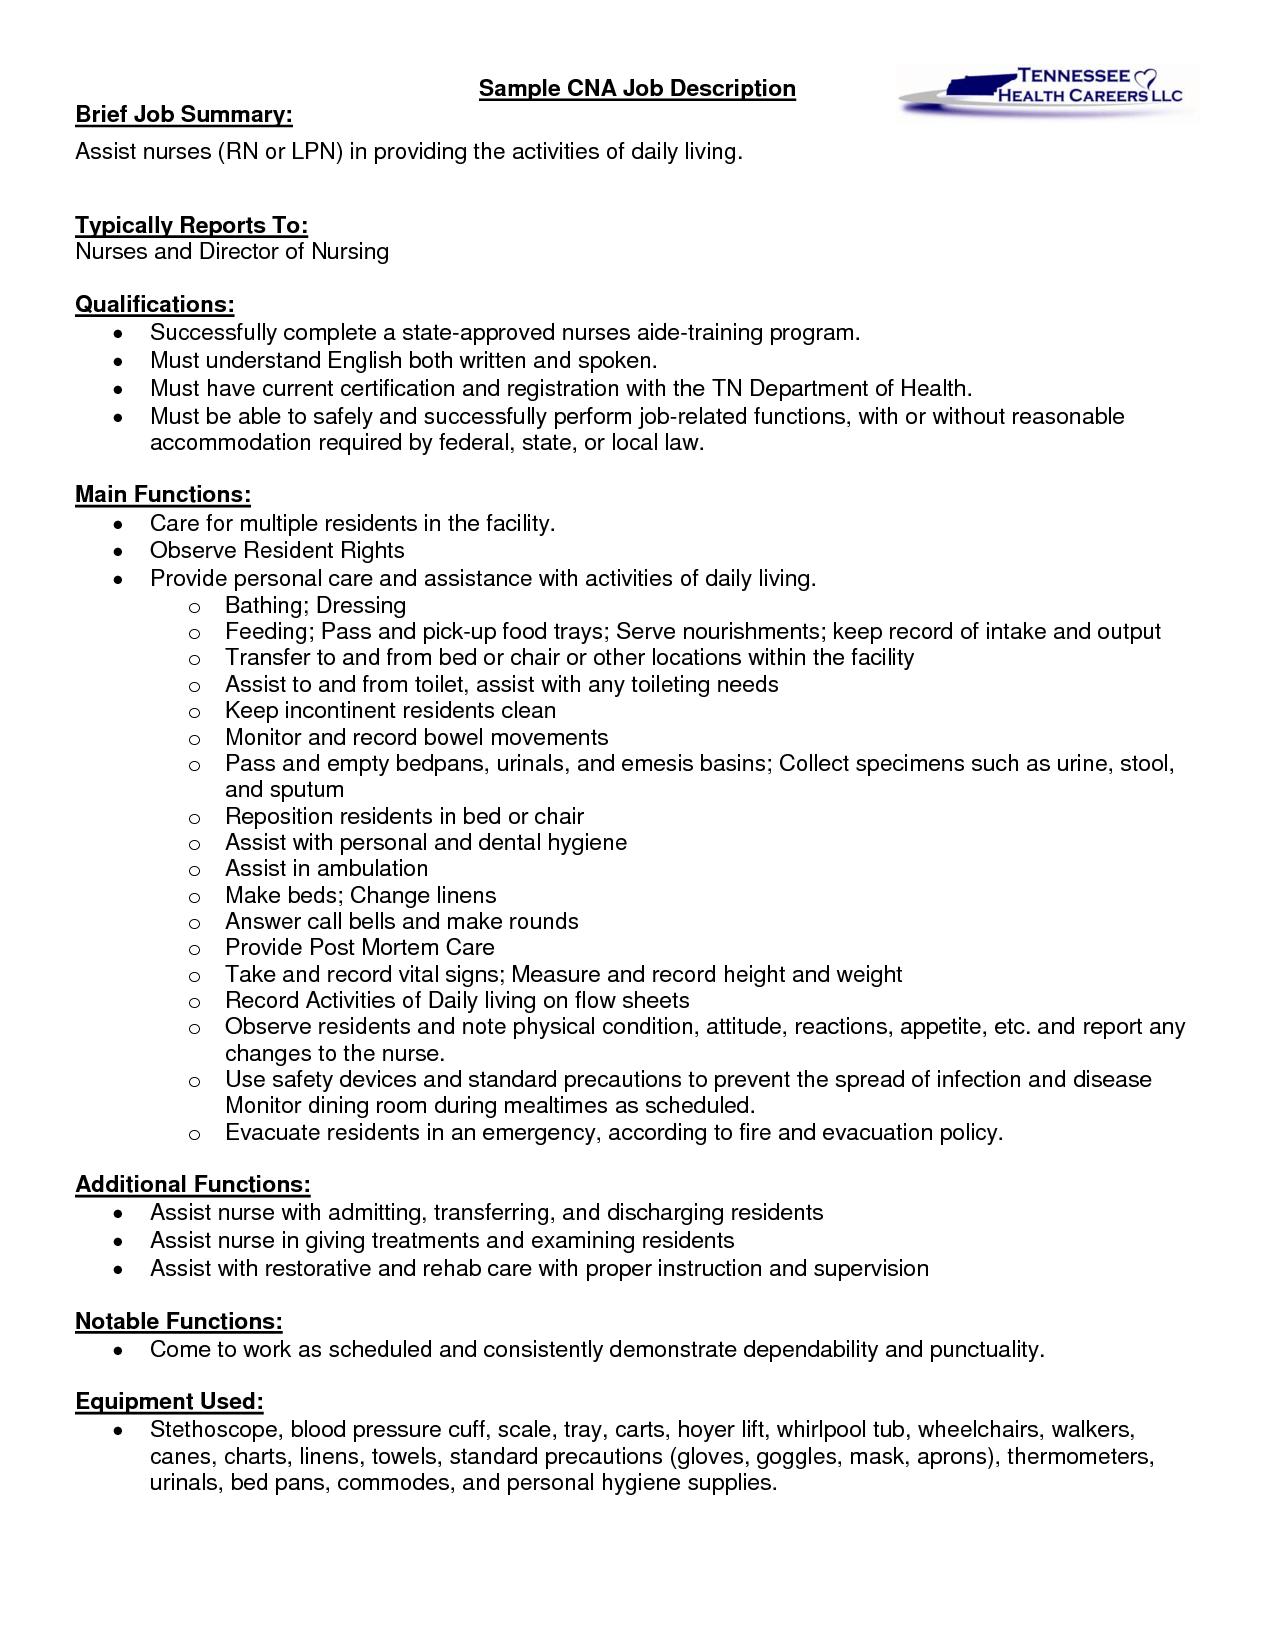 Sample CNA job description   RCFE   Pinterest   Job description